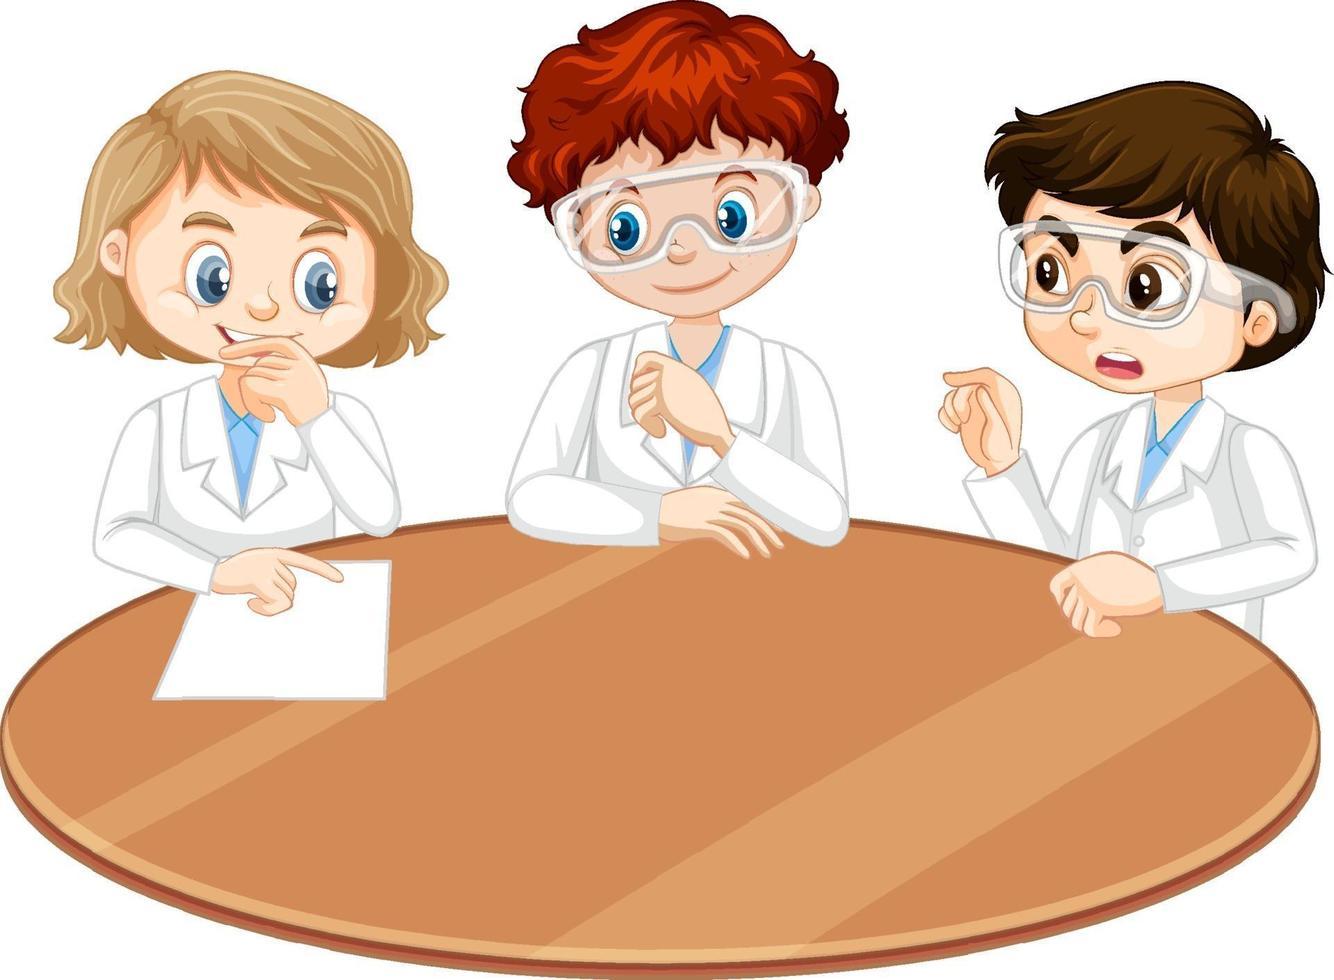 tres jóvenes científicos hablando entre sí vector